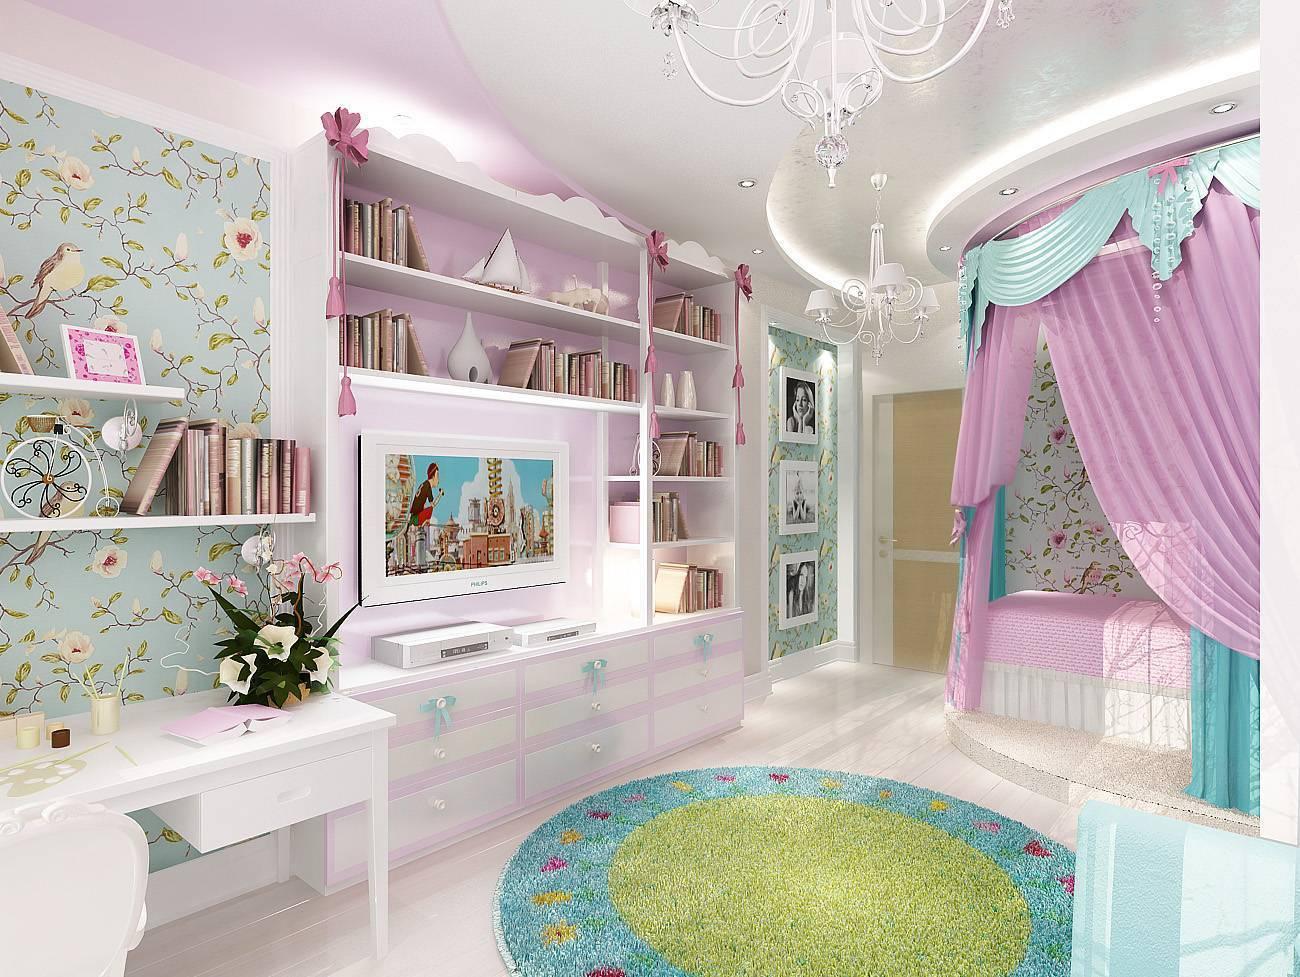 Комнаты для девочек 9, 10, 11 лет — выбор мебели и отделки, фото интерьеров